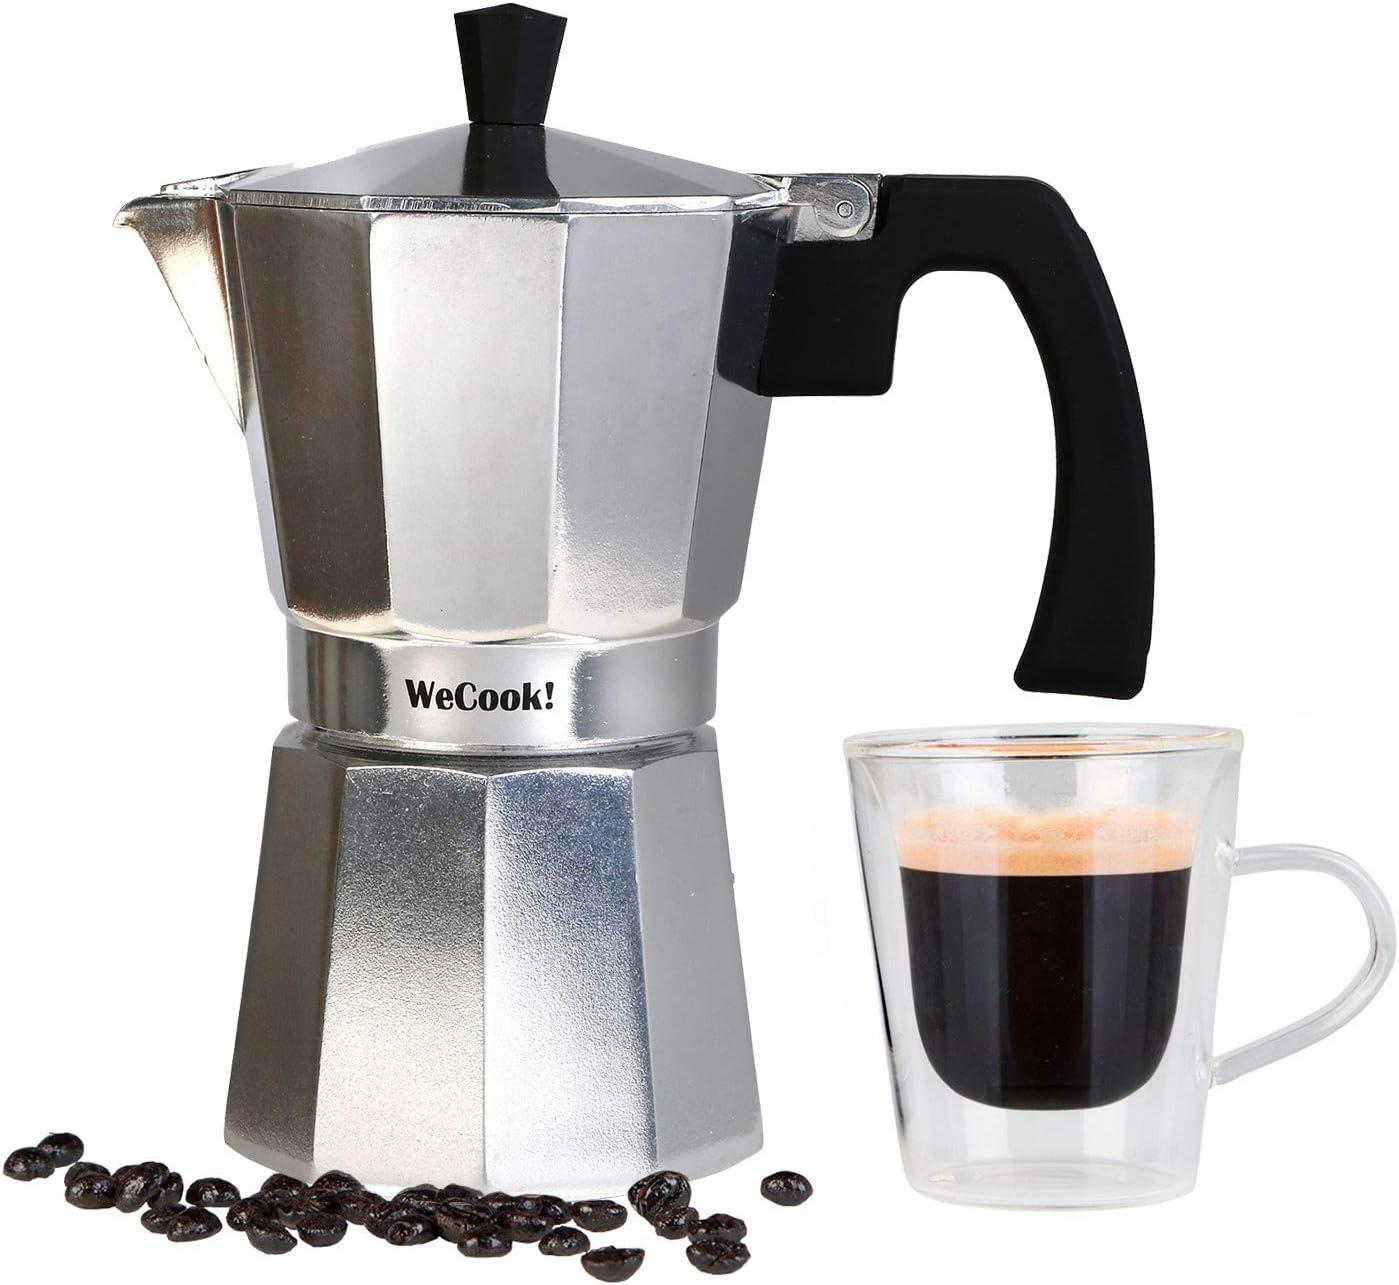 Wecook Paola Cafetera Italiana de aluminio express, 3 tazas café, junta de cierre de silicona, válvula de seguridad, Plata: Amazon.es: Hogar